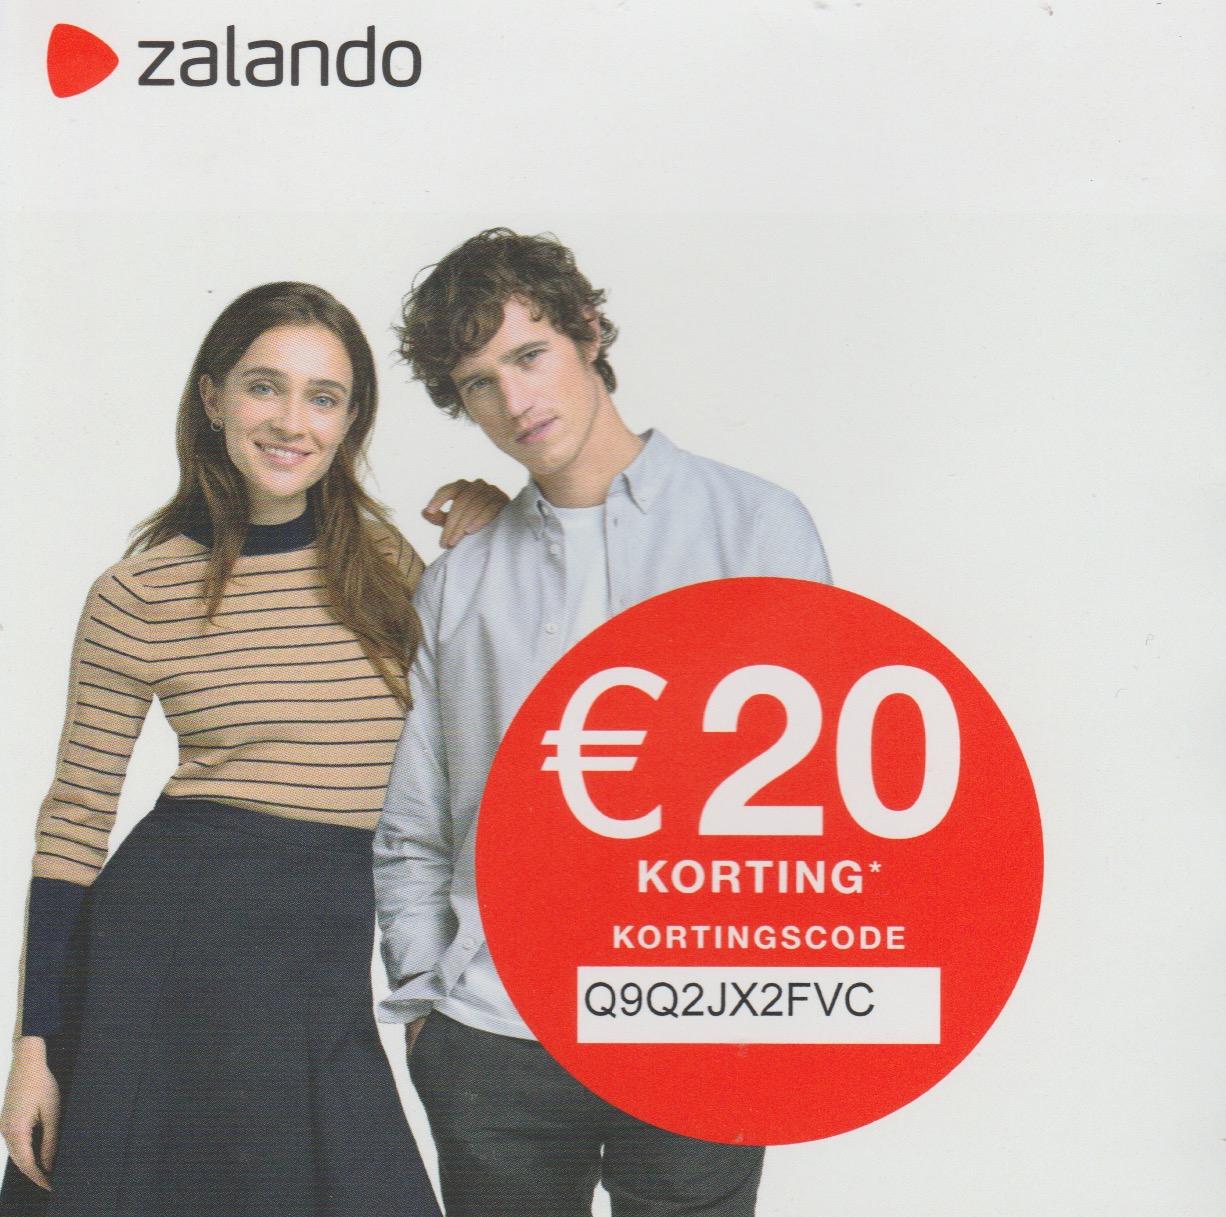 Zalando: € 20,- korting bij aanschaf van min. € 100,-